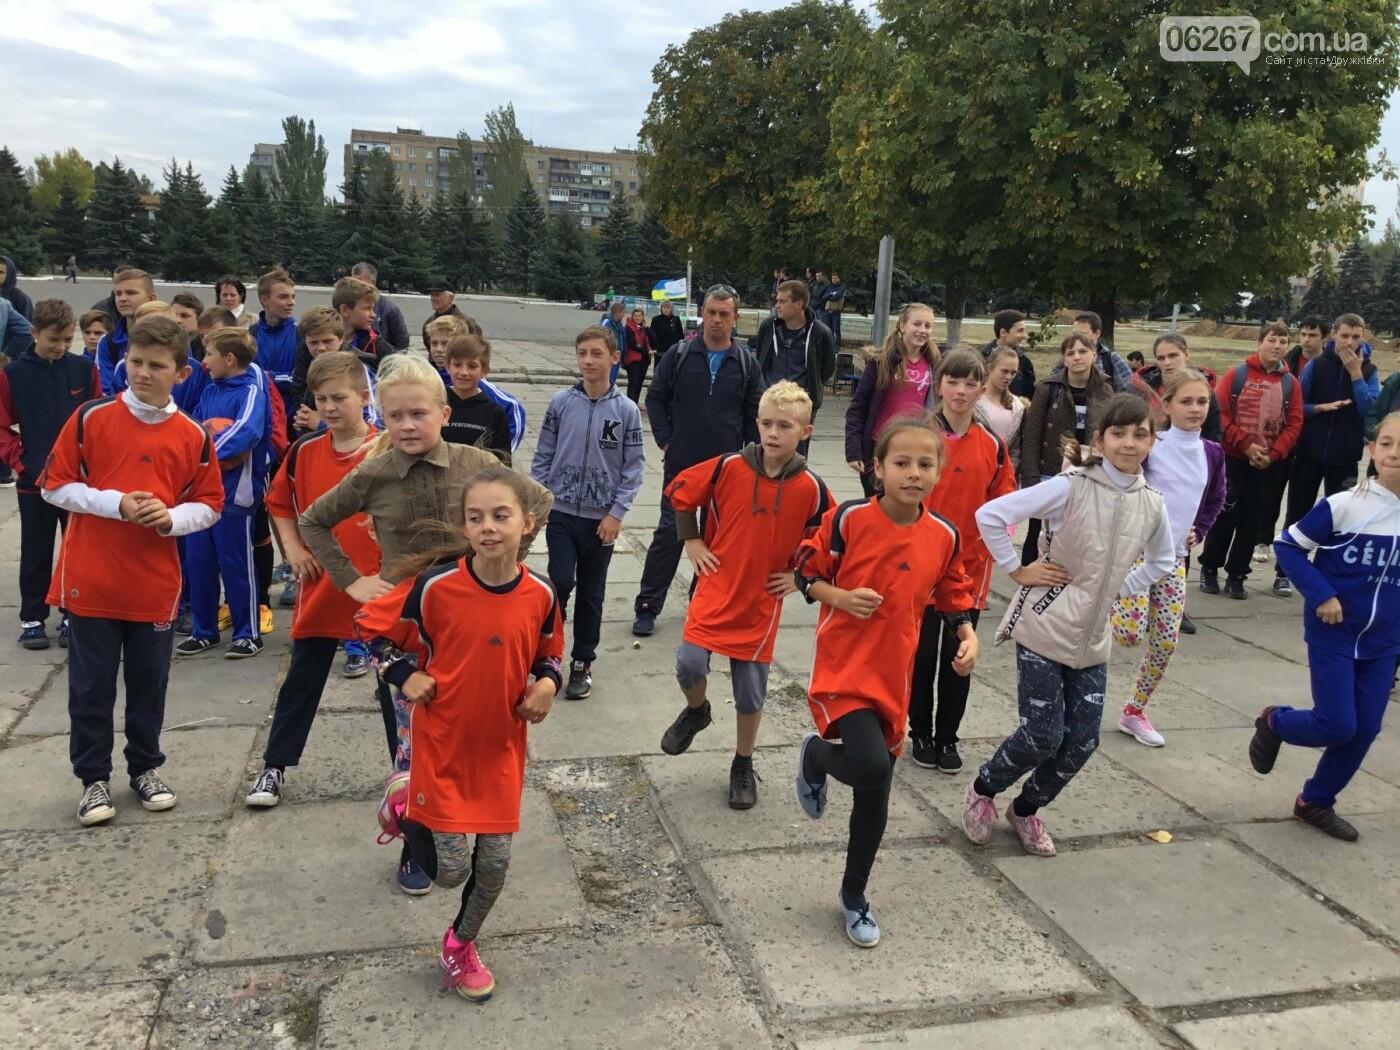 Всемирный день ходьбы отметили сегодня в Дружковке ярким спортивным праздником (ФОТО, ВИДЕО), фото-5